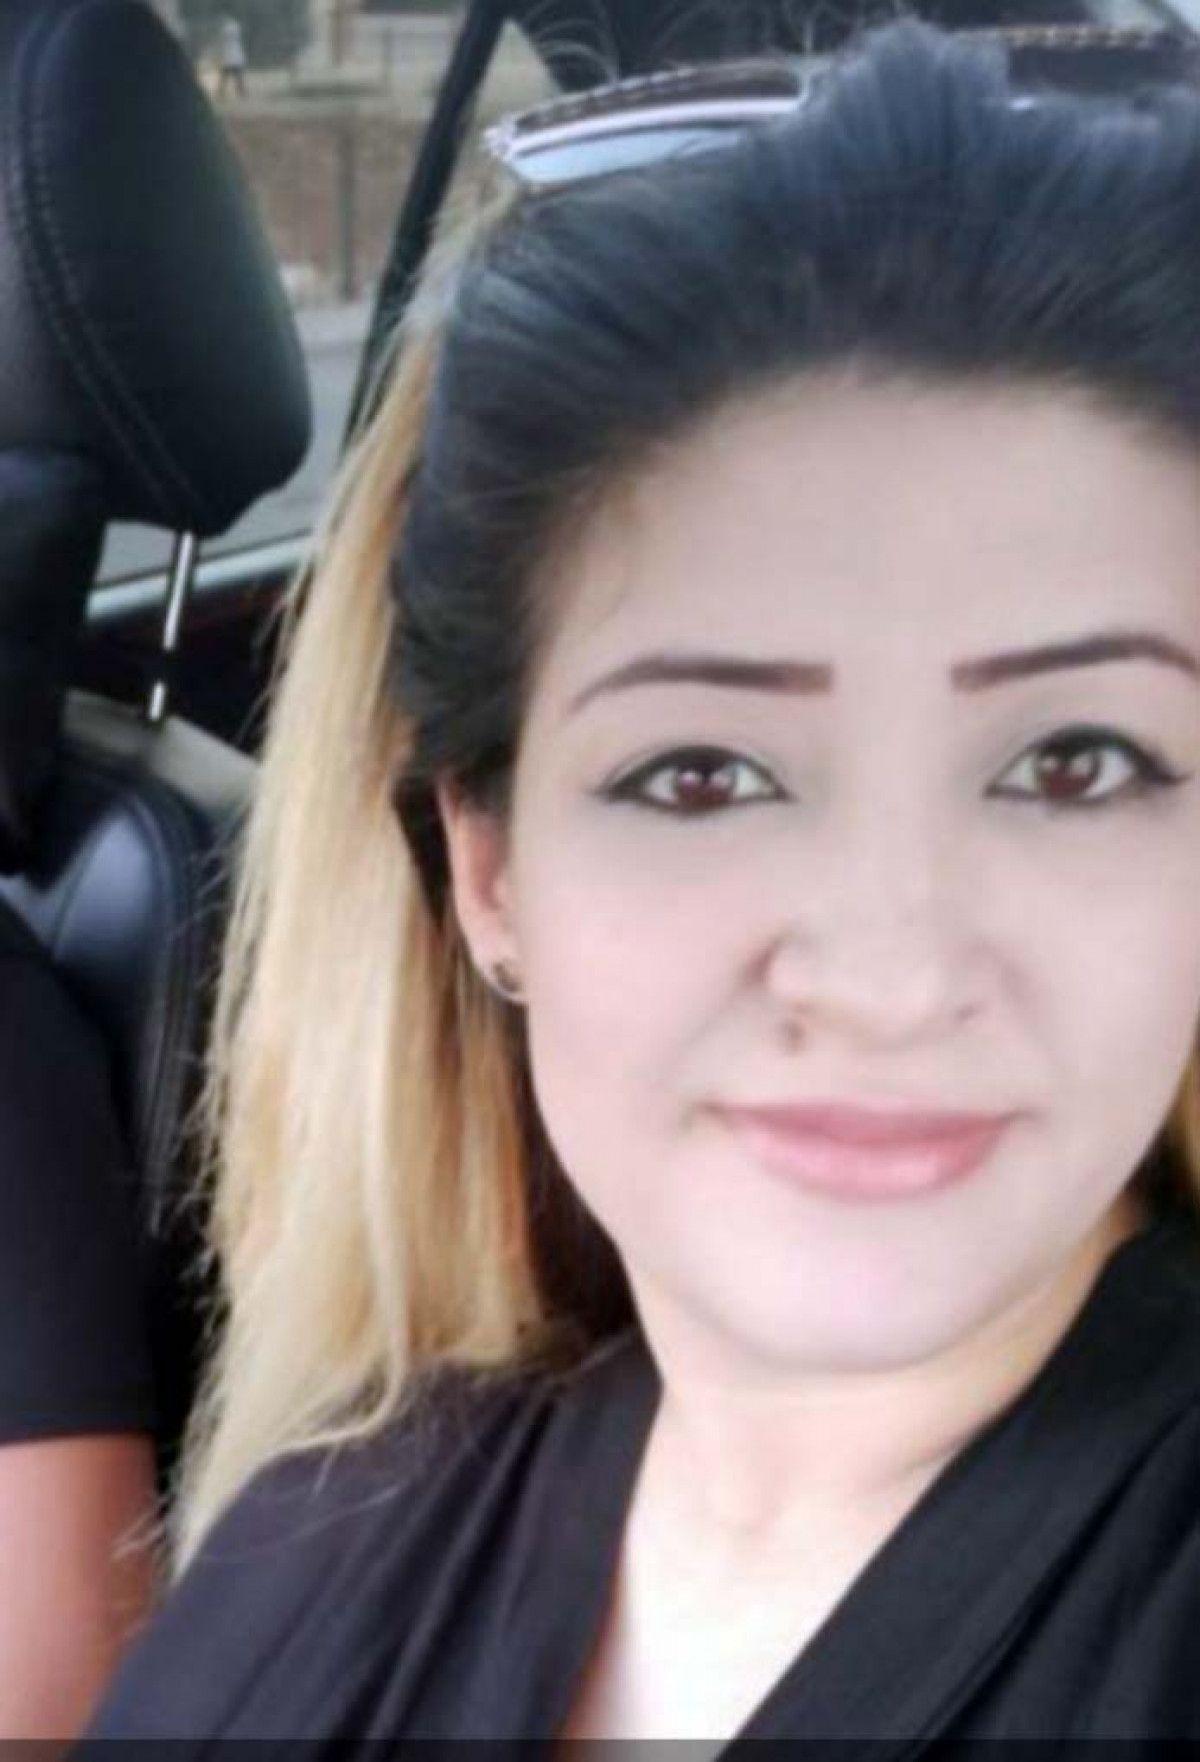 Kilis teki adam yeni doğum yapan eşini, kafasını duvara vurarak öldürdü #1